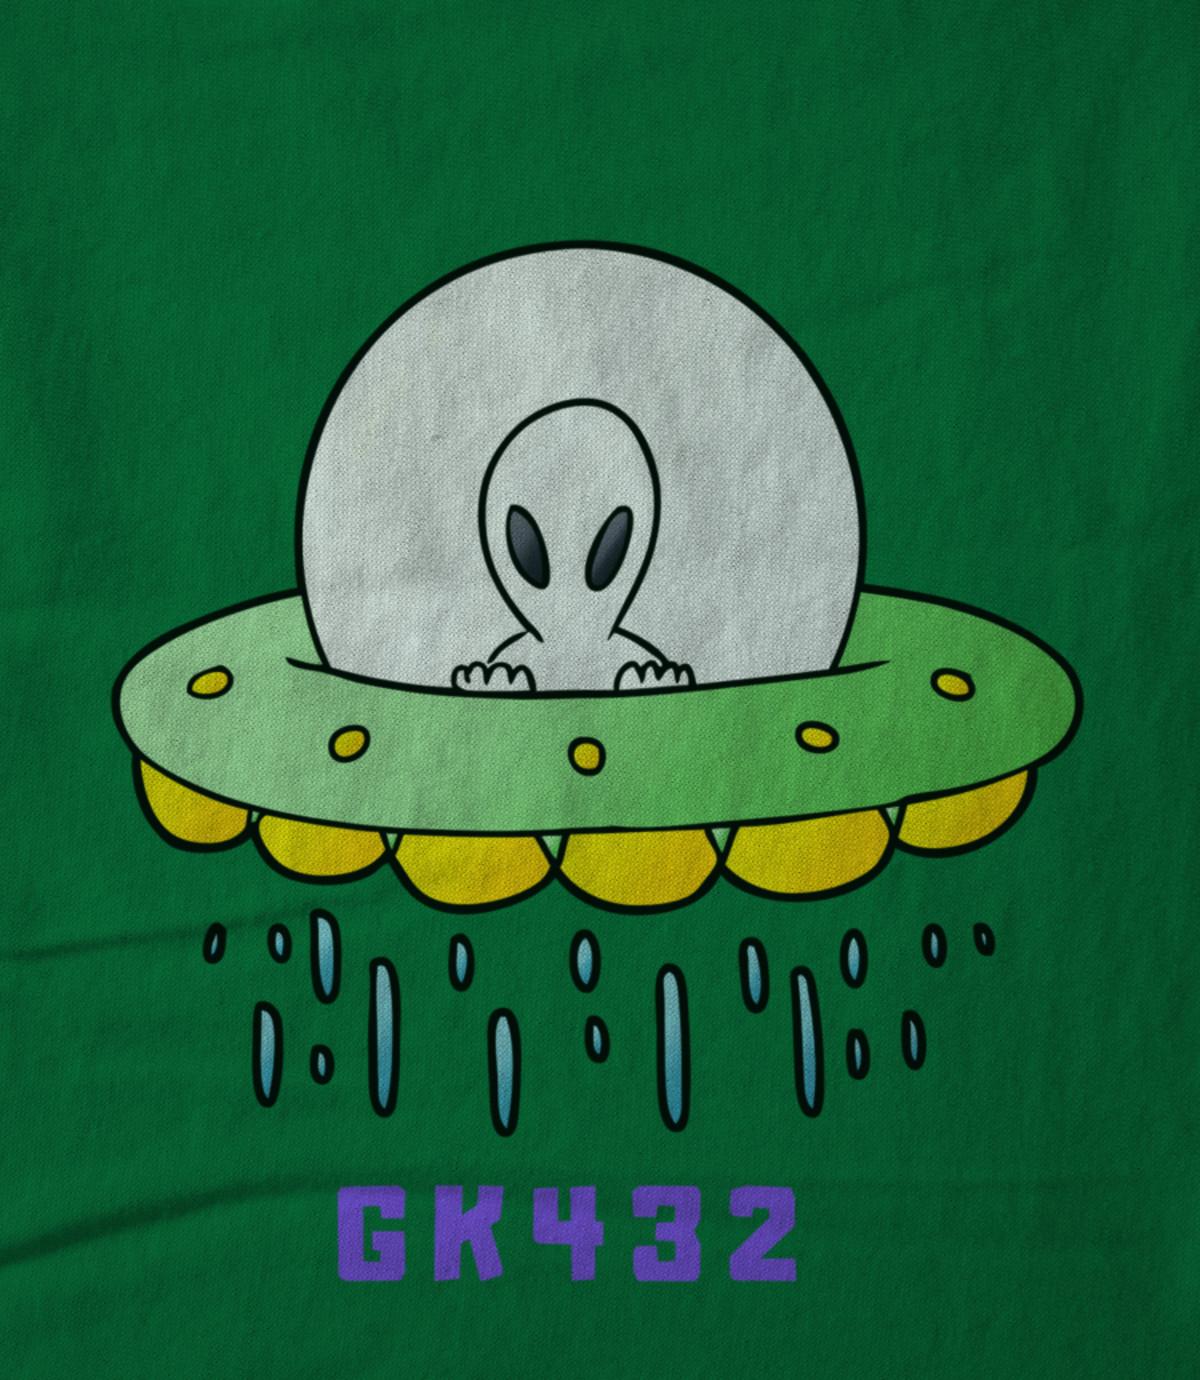 Gk432 alien 1537632457